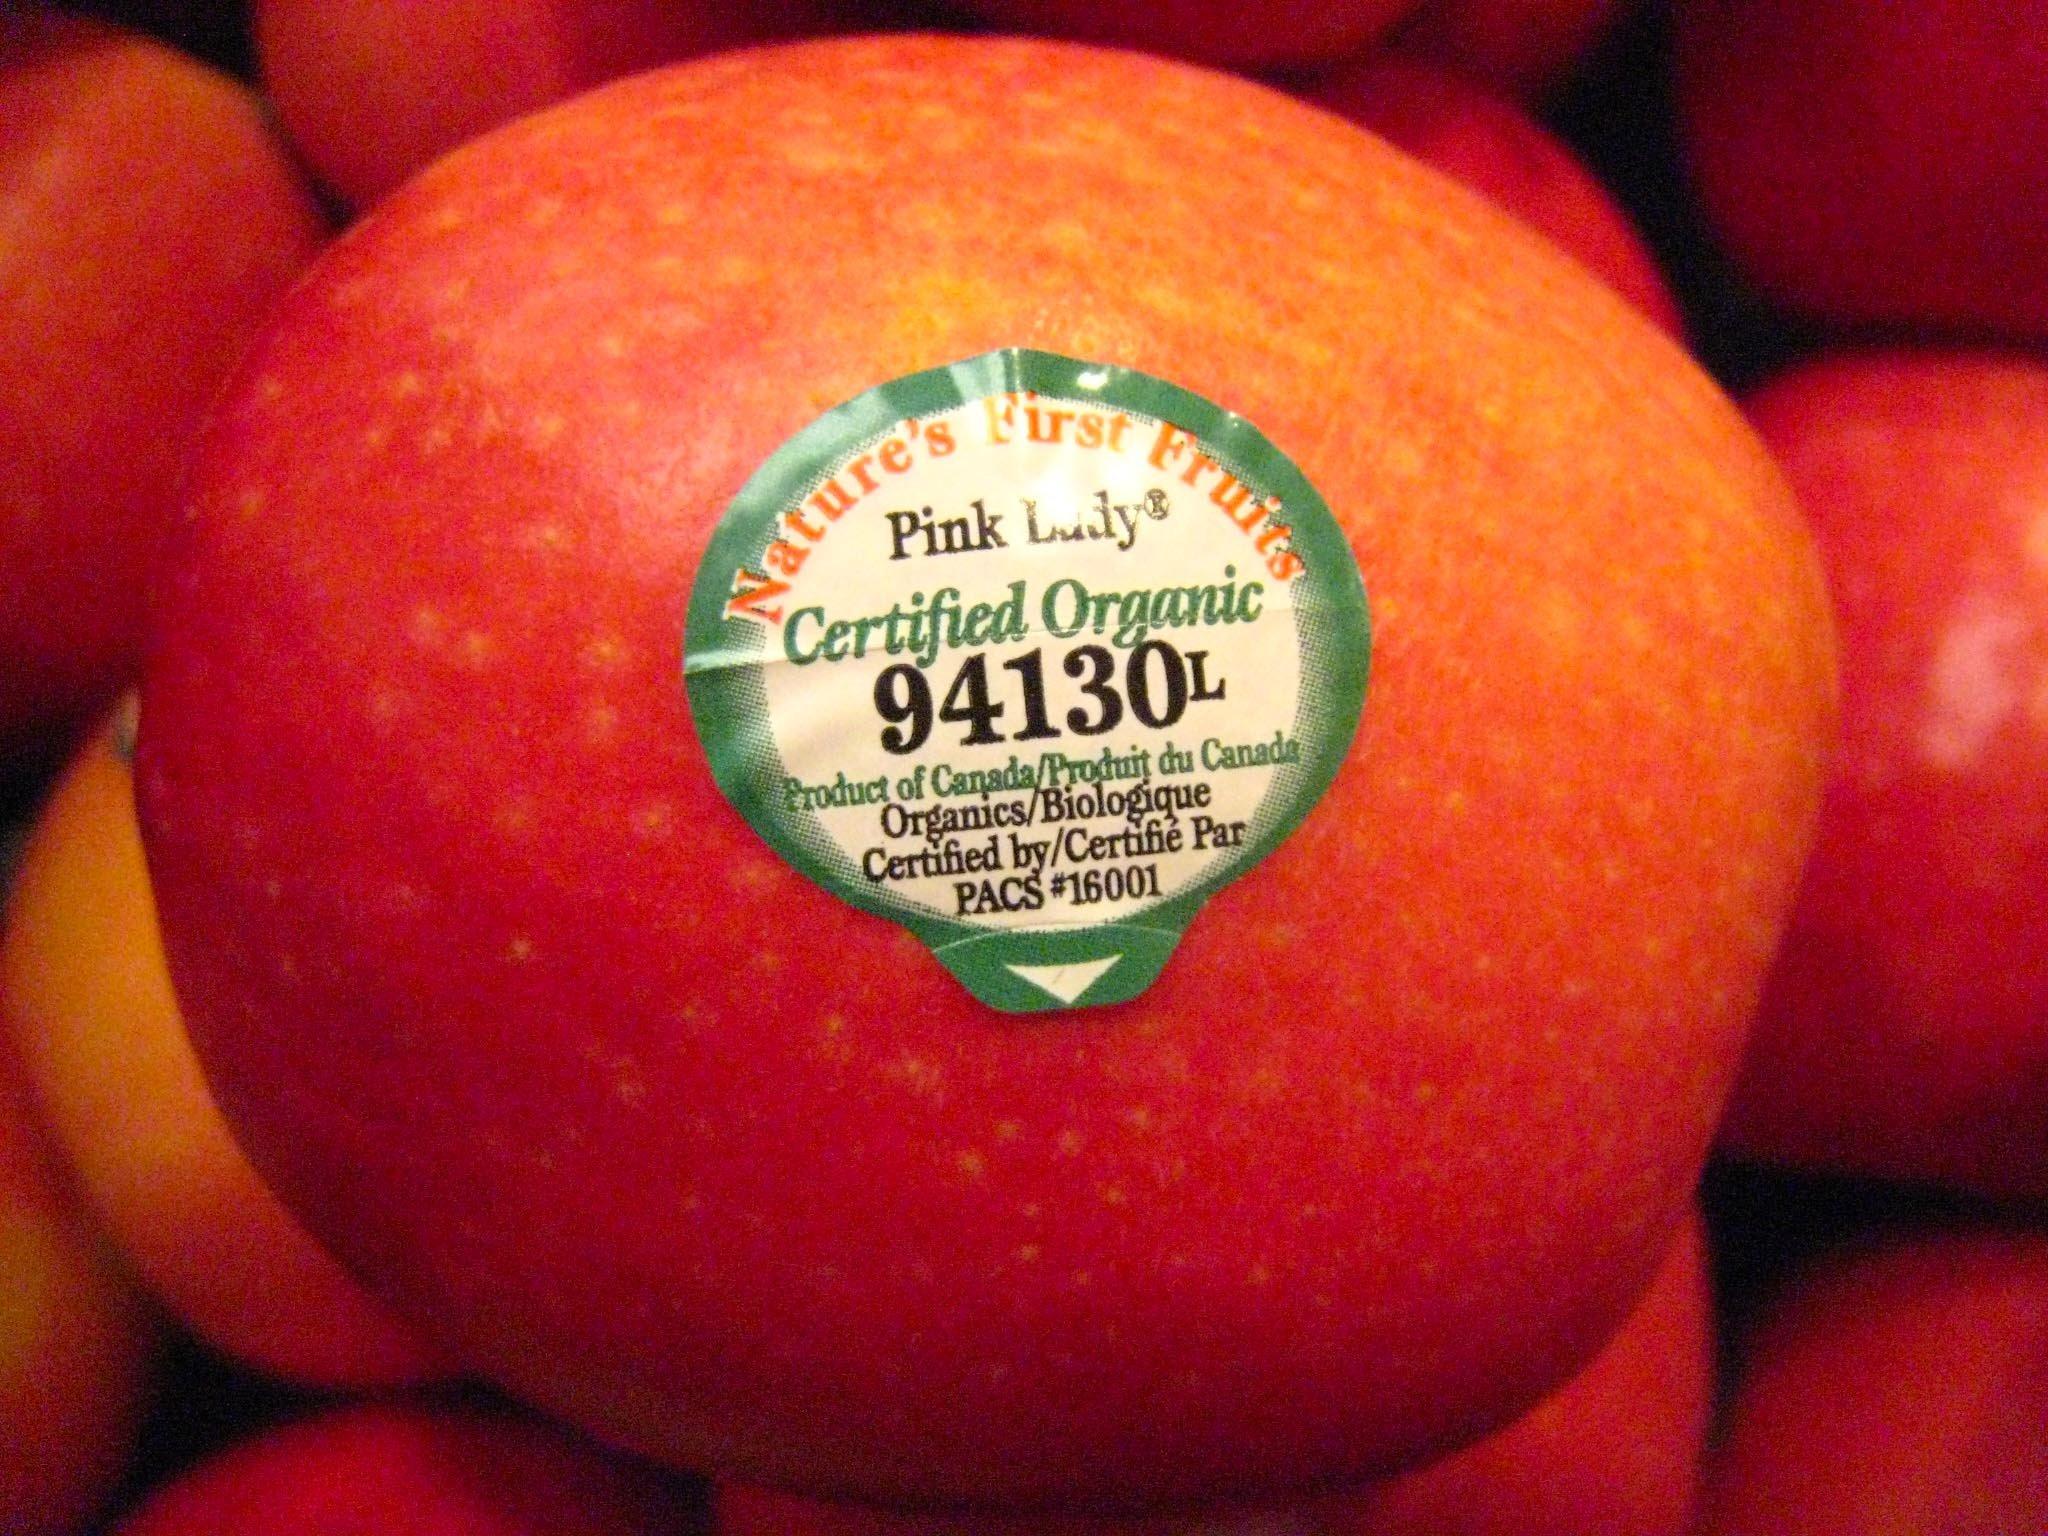 eDoctor - Cách chọn trái cây nhập khẩu theo mã số, an toàn cho cả nhà